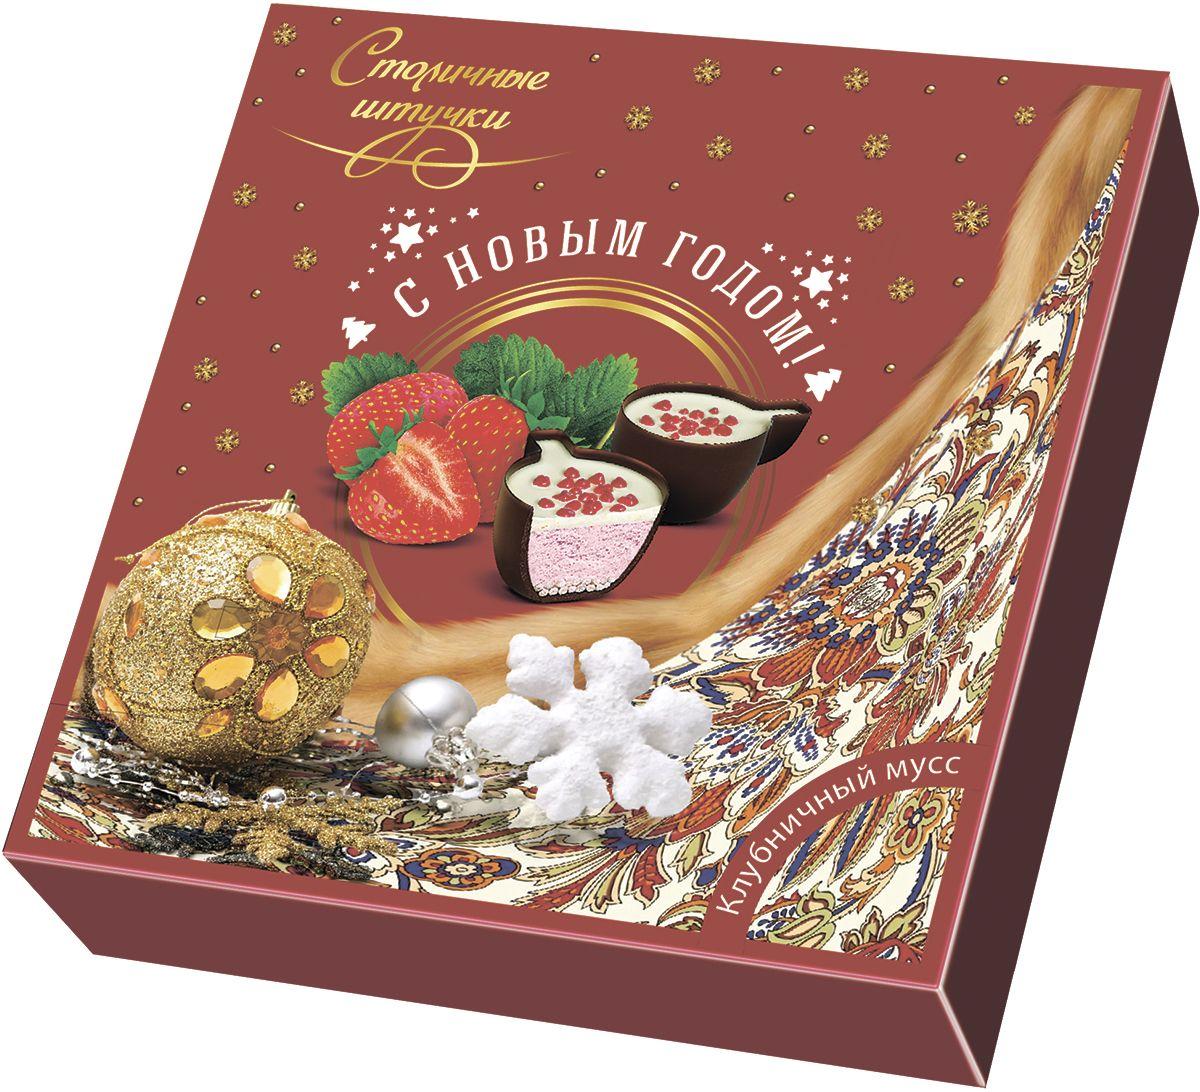 Столичные штучки Конфеты шоколадные в коробке Клубничный мусс, 104 г1814Конфета представляет собой чашечку из натурального темного шоколада высокого качества. Темный шоколад выгодно оттеняет своим насыщенным вкусом нежнейшую клубничную начинку, а тонкие стенки чашечки позволяют насладиться приятной тающей структурой конфеты. Изысканный декор идеально дополняет вкусовую гамму конфеты, придавая ей натуральный клубничный аромат